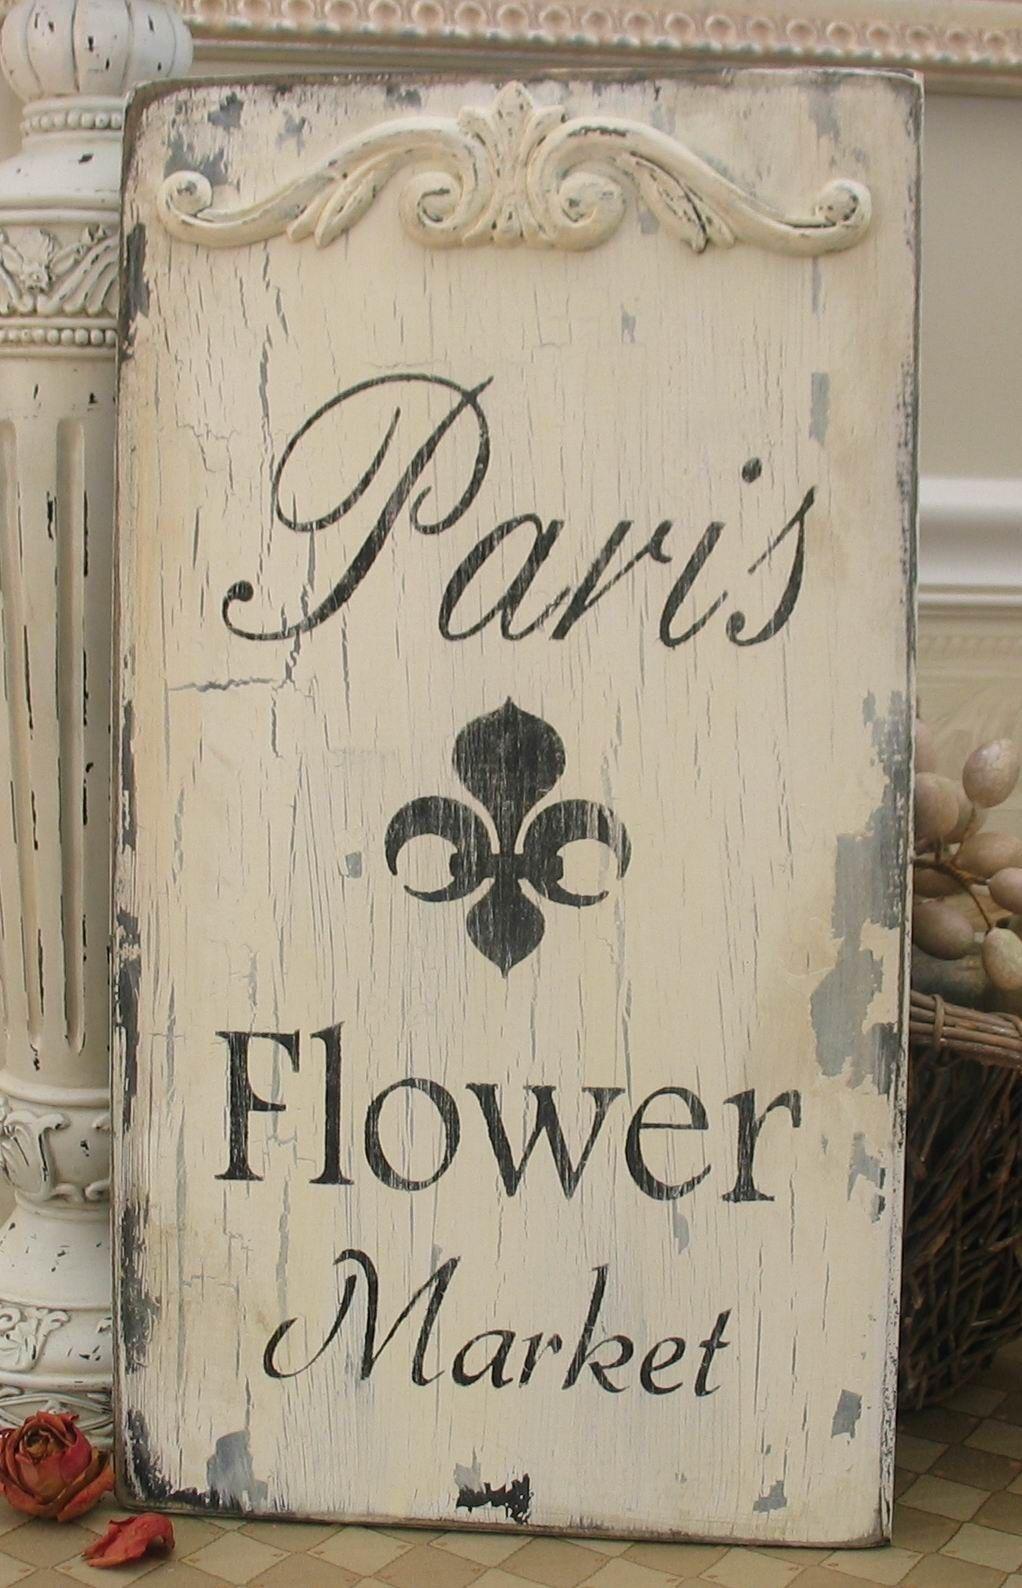 Paris Flower Market French Market Sign Paris Apartment Decor Country French Garden Sign Cottage Chic Decor Rustic Paris Sign